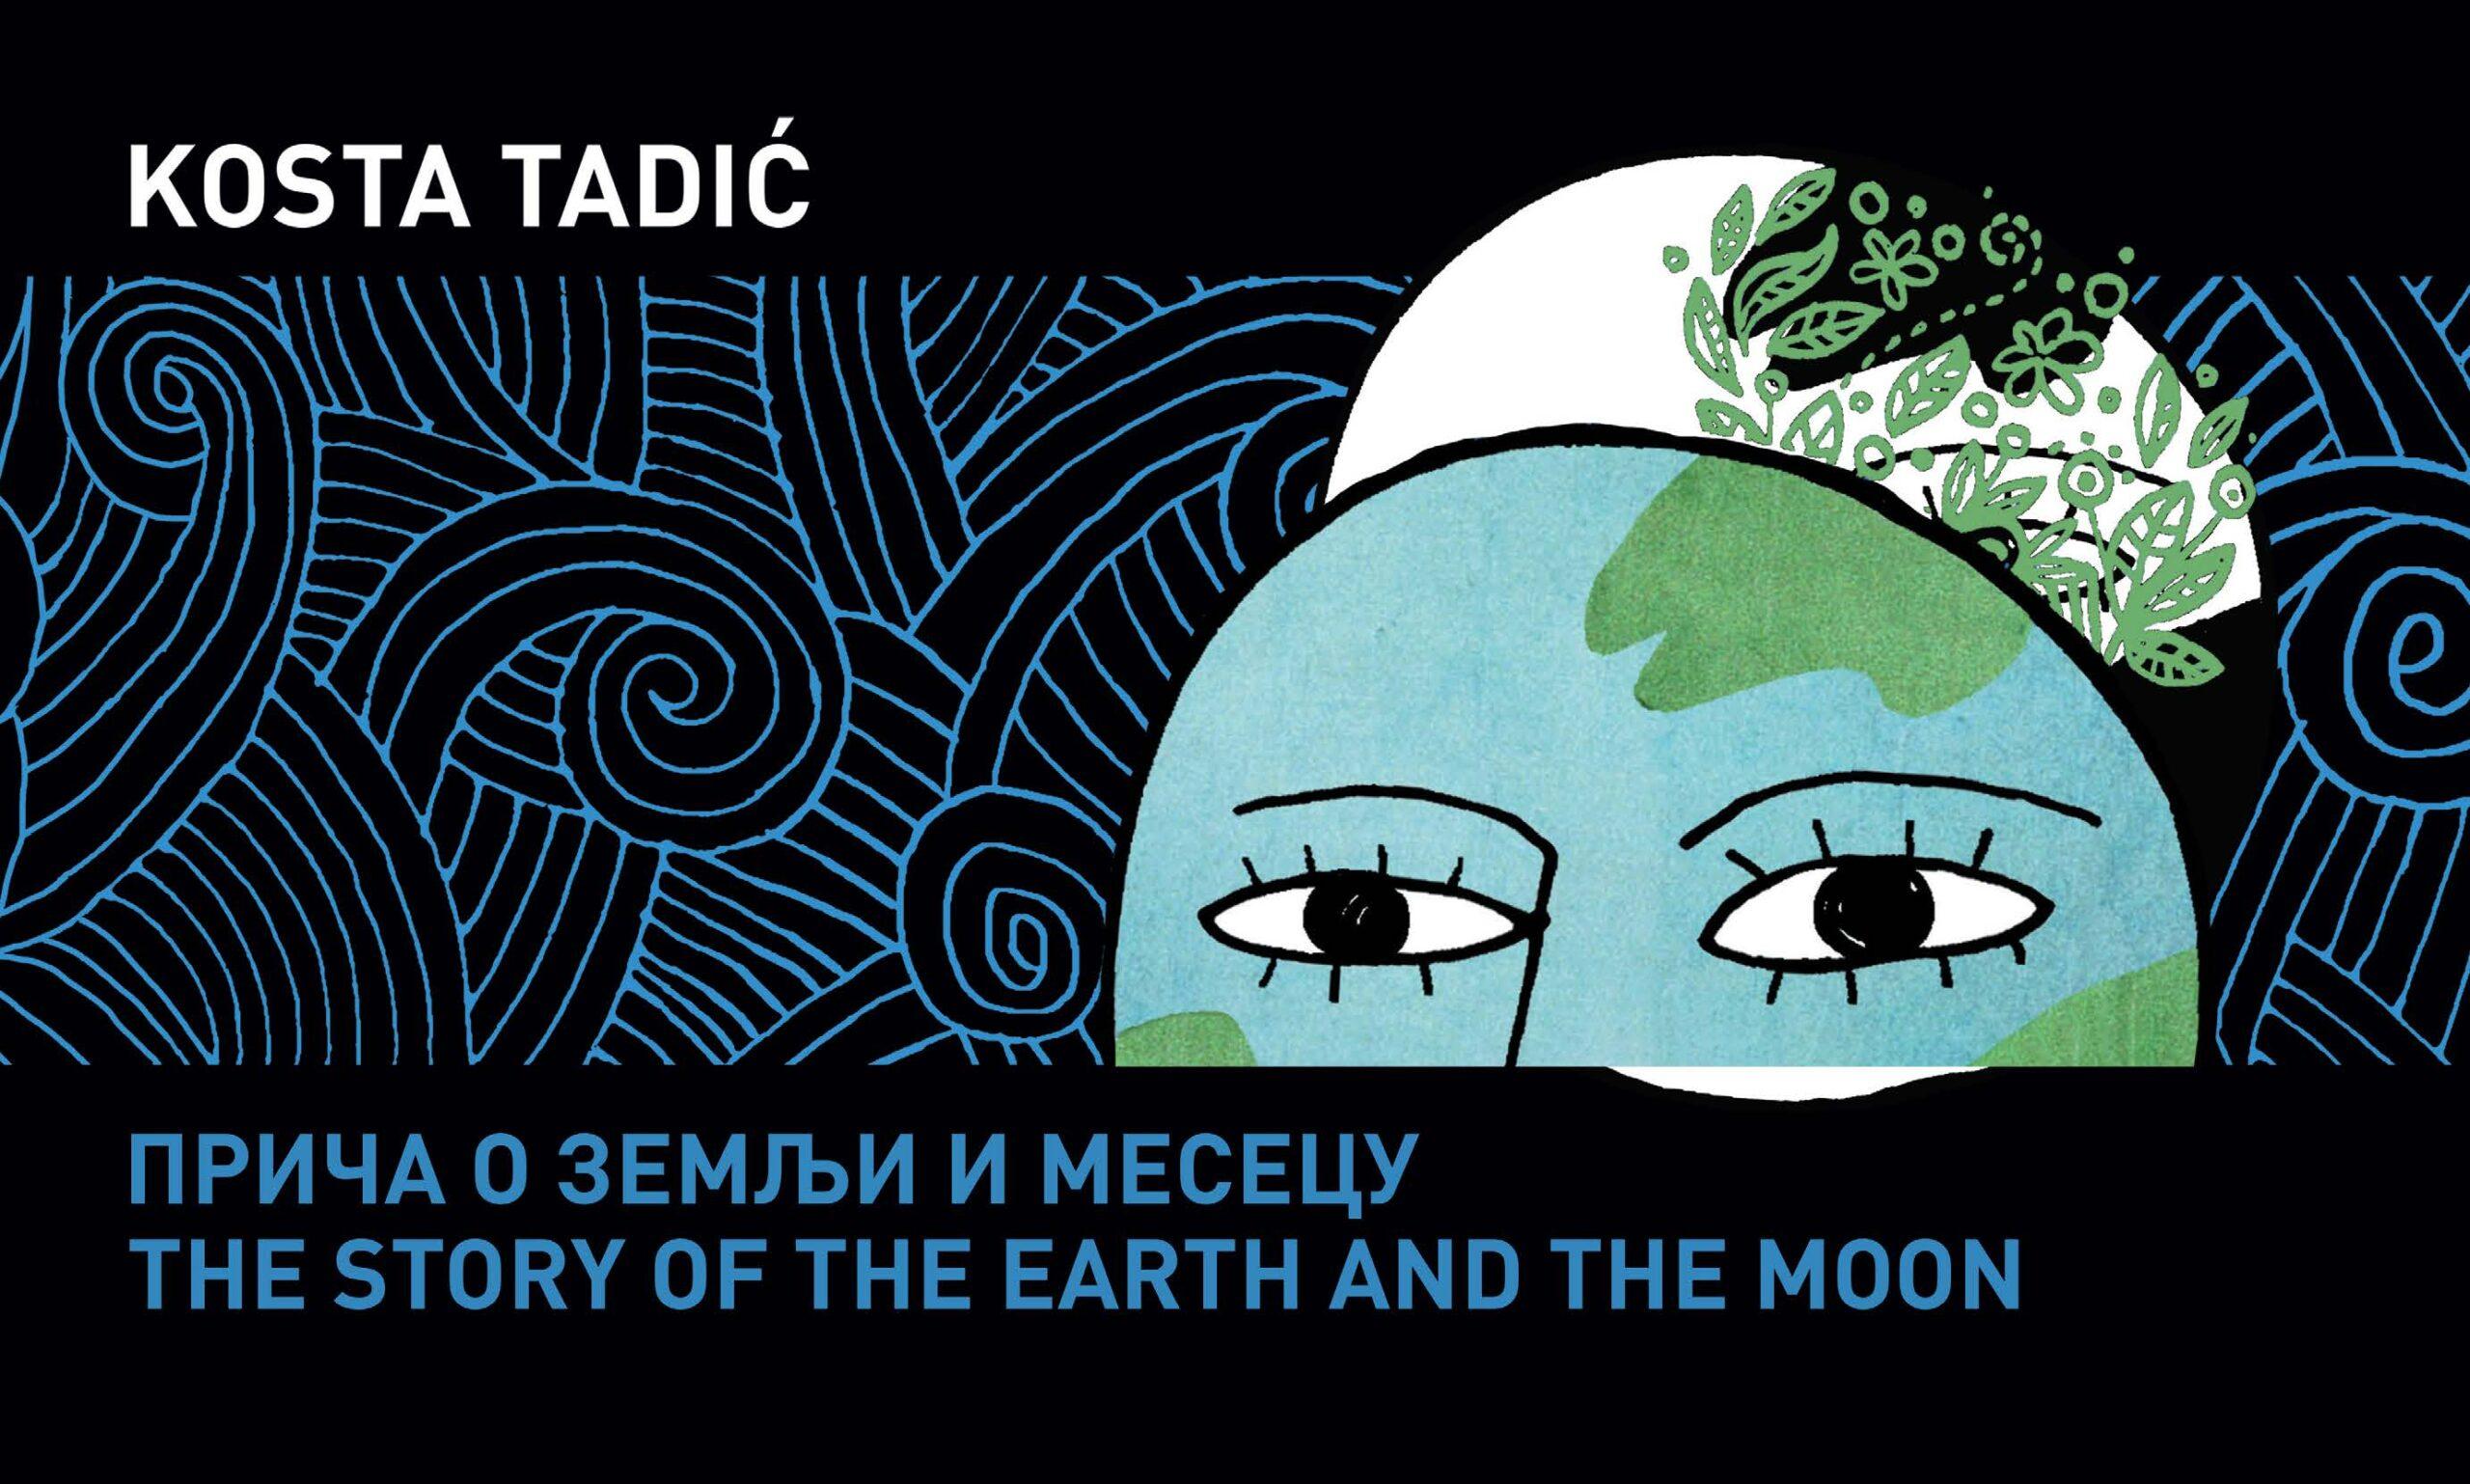 Прича о Земљи и Месецу